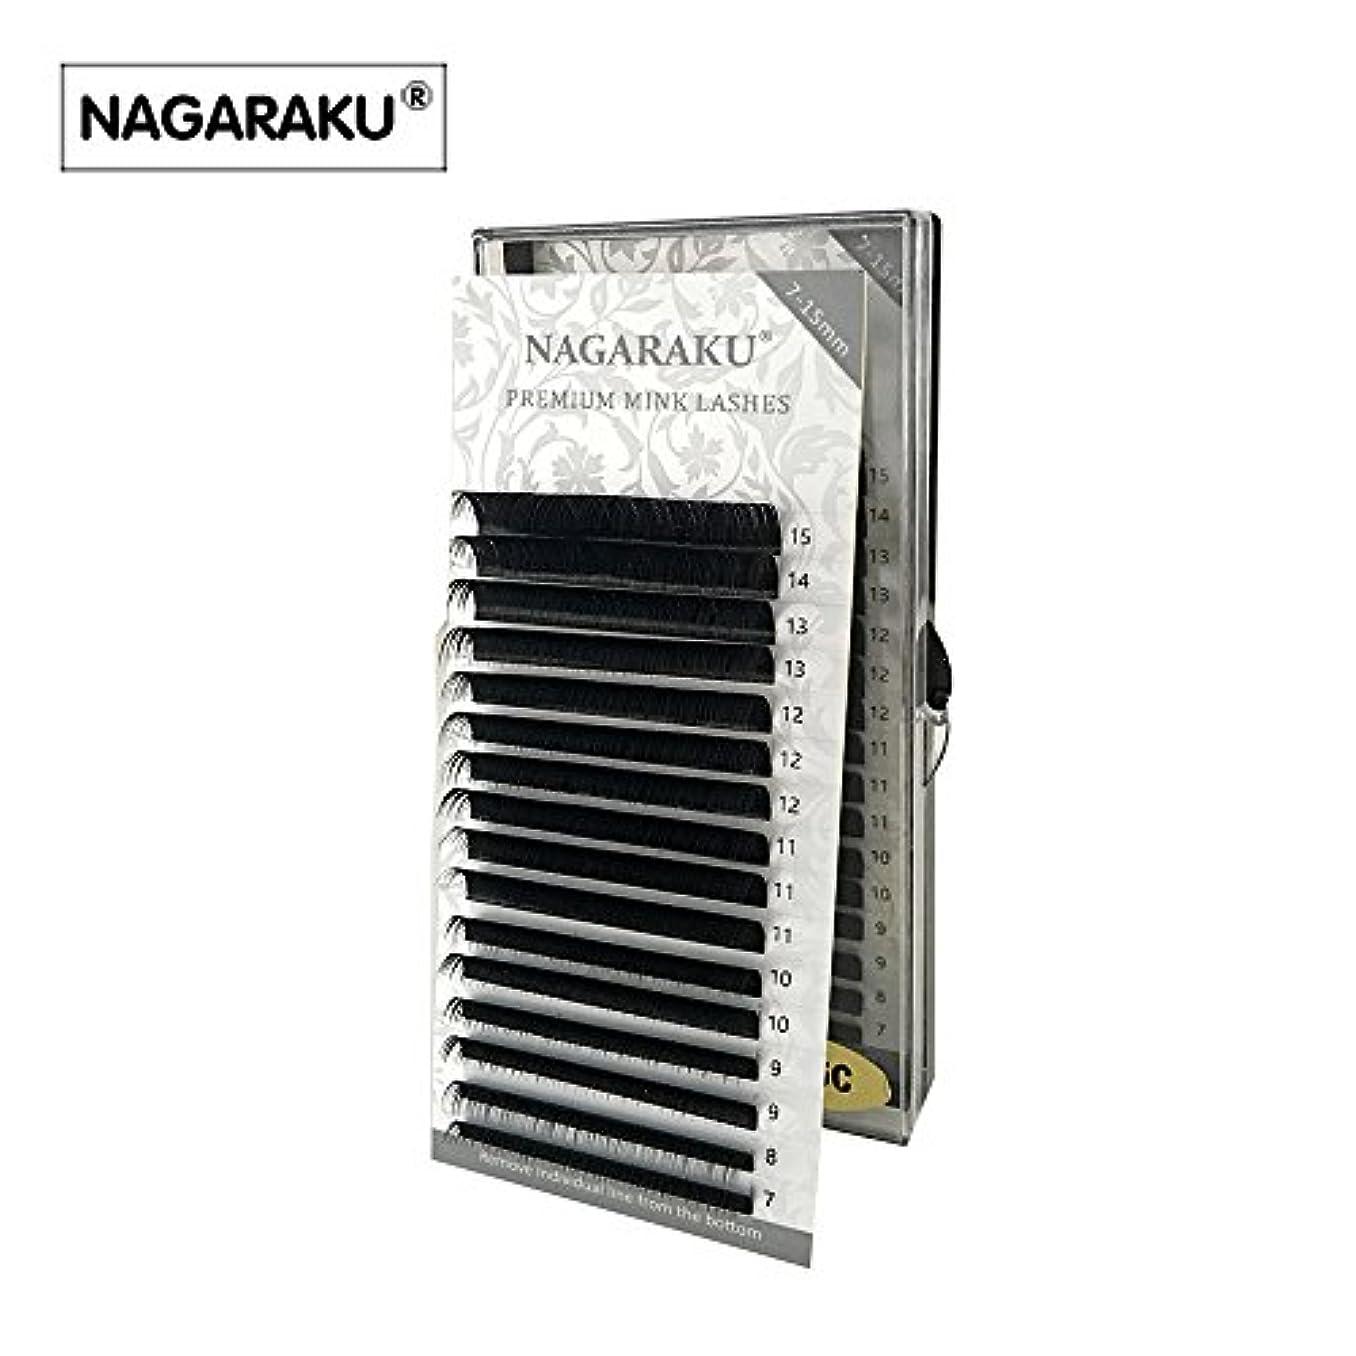 レビュアー抹消貴重なNAGARAKU 太さ0.07mm J カール 7~15mmミックス まつ毛エクステンション